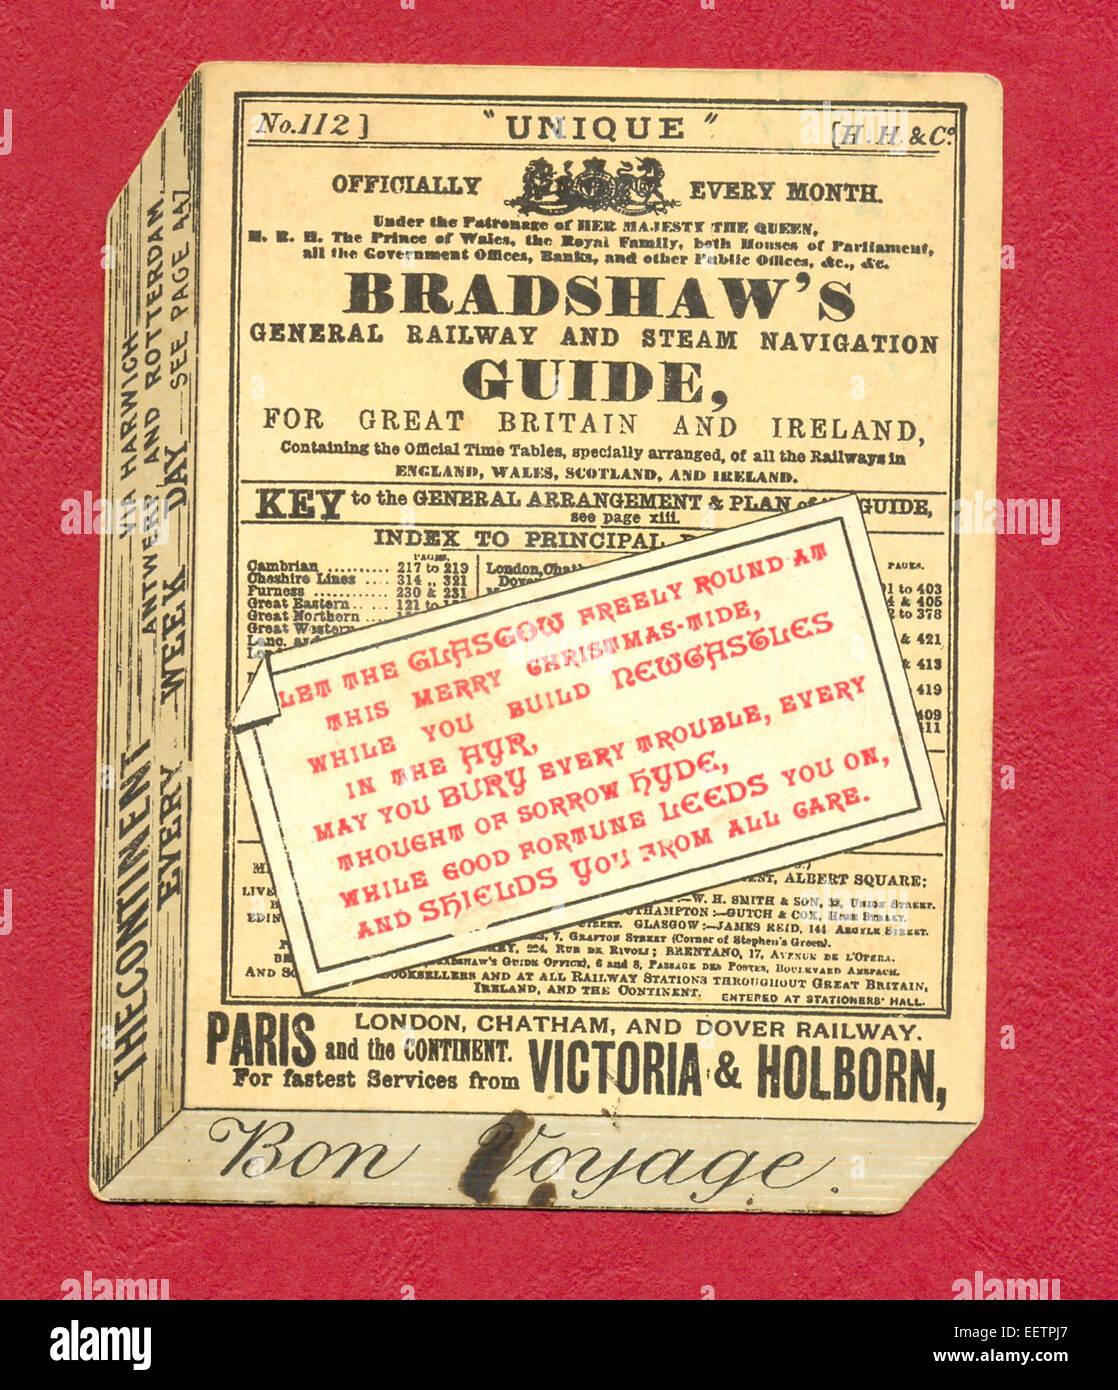 Viktorianische Grußkarten als Bradshaw's General Railway und Steam Navigation Leitfaden für Großbritannien und Irland ca. 1885 Stockfoto